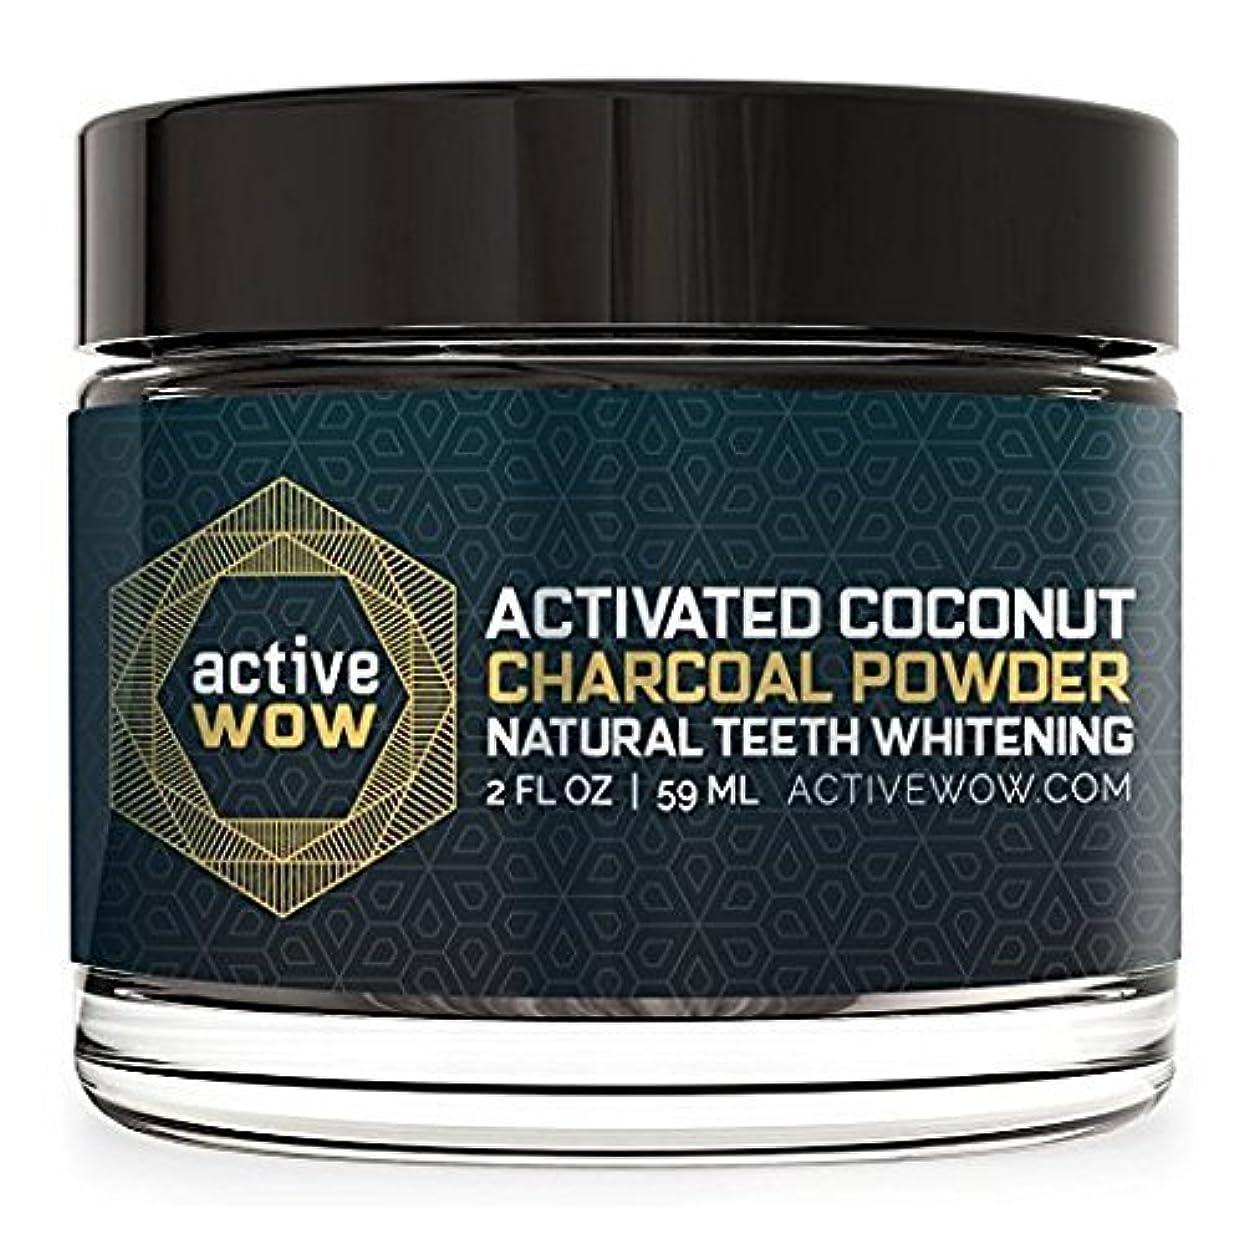 予測日食変形するアメリカで売れている 炭パウダー歯のホワイトニング Teeth Whitening Charcoal Powder Natural [並行輸入品]